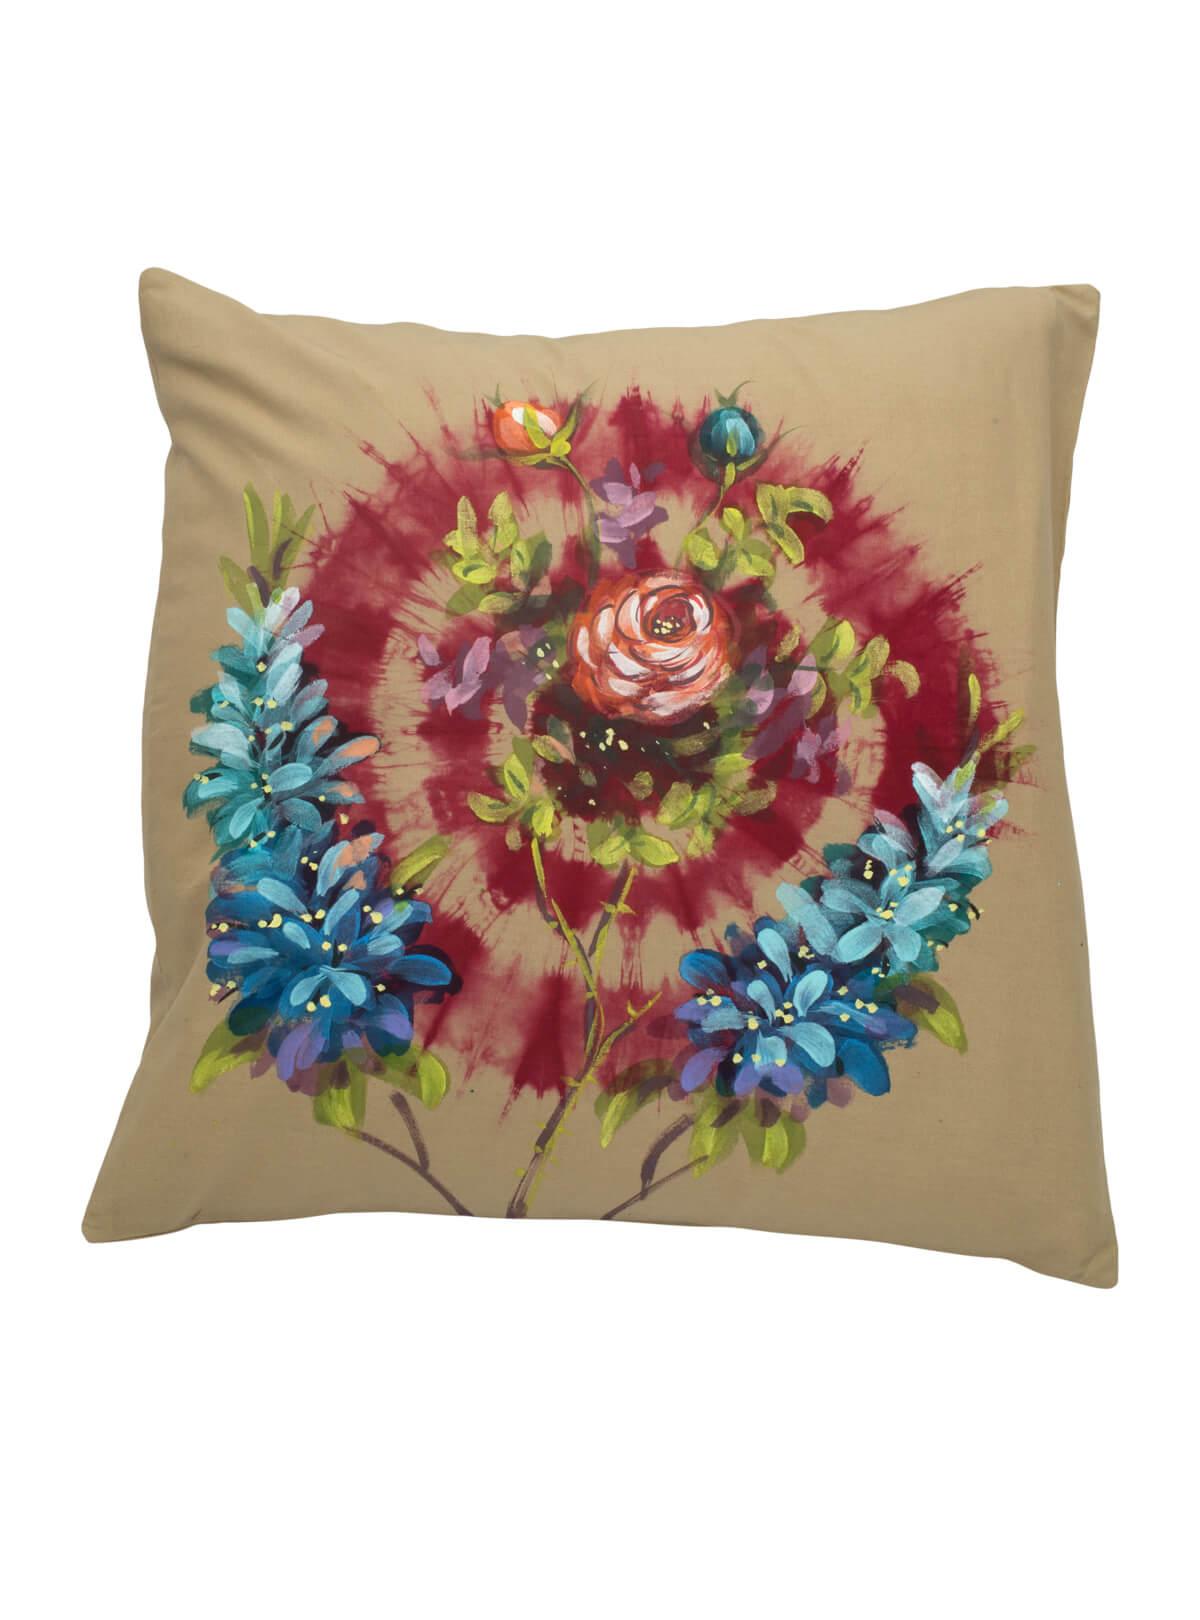 Handmade Cotton Cushion Cover